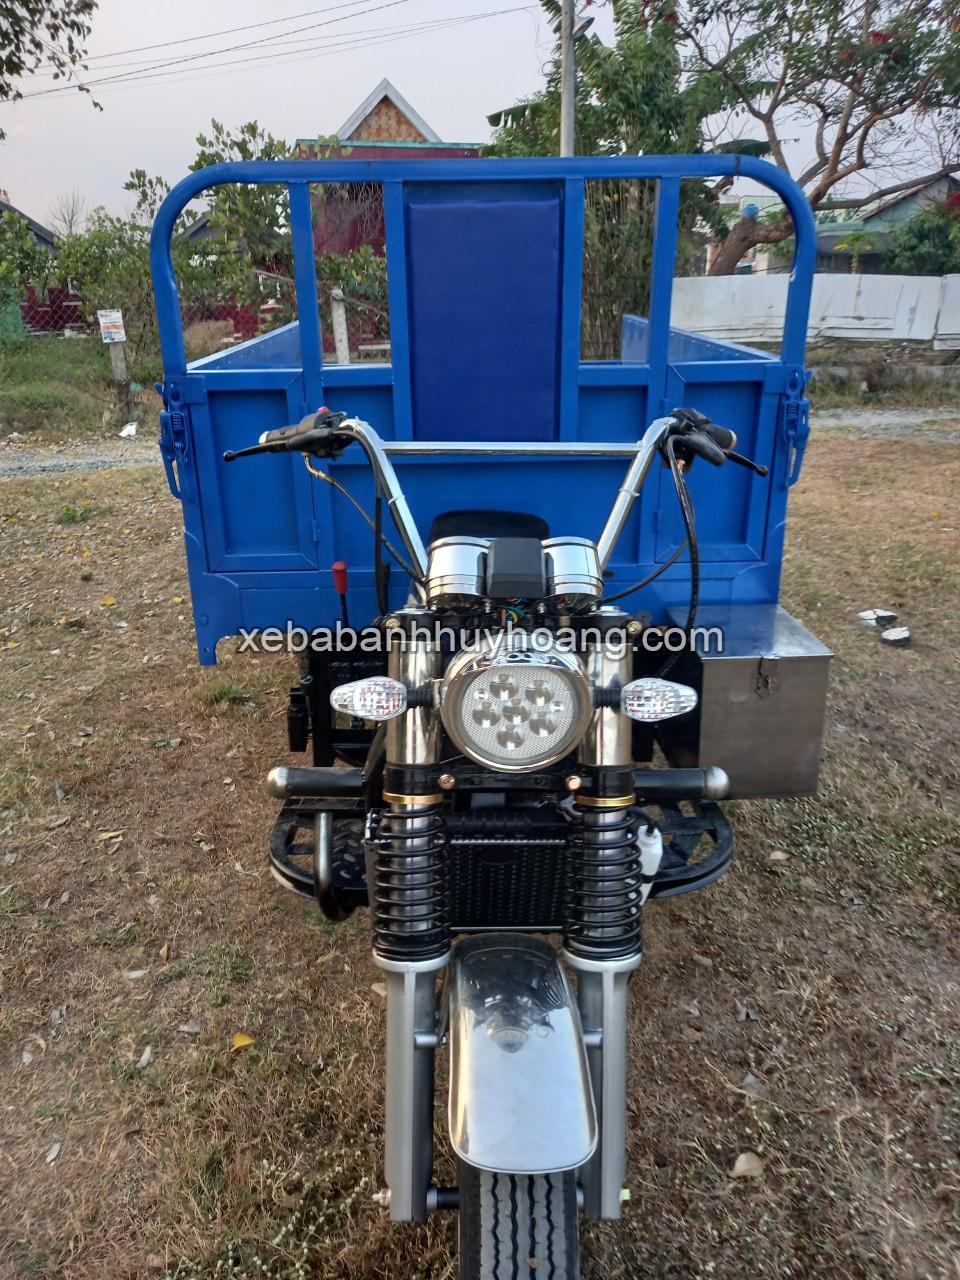 Bán xe ba bánh Nam Định chất lượng giá tốt tận xưởng